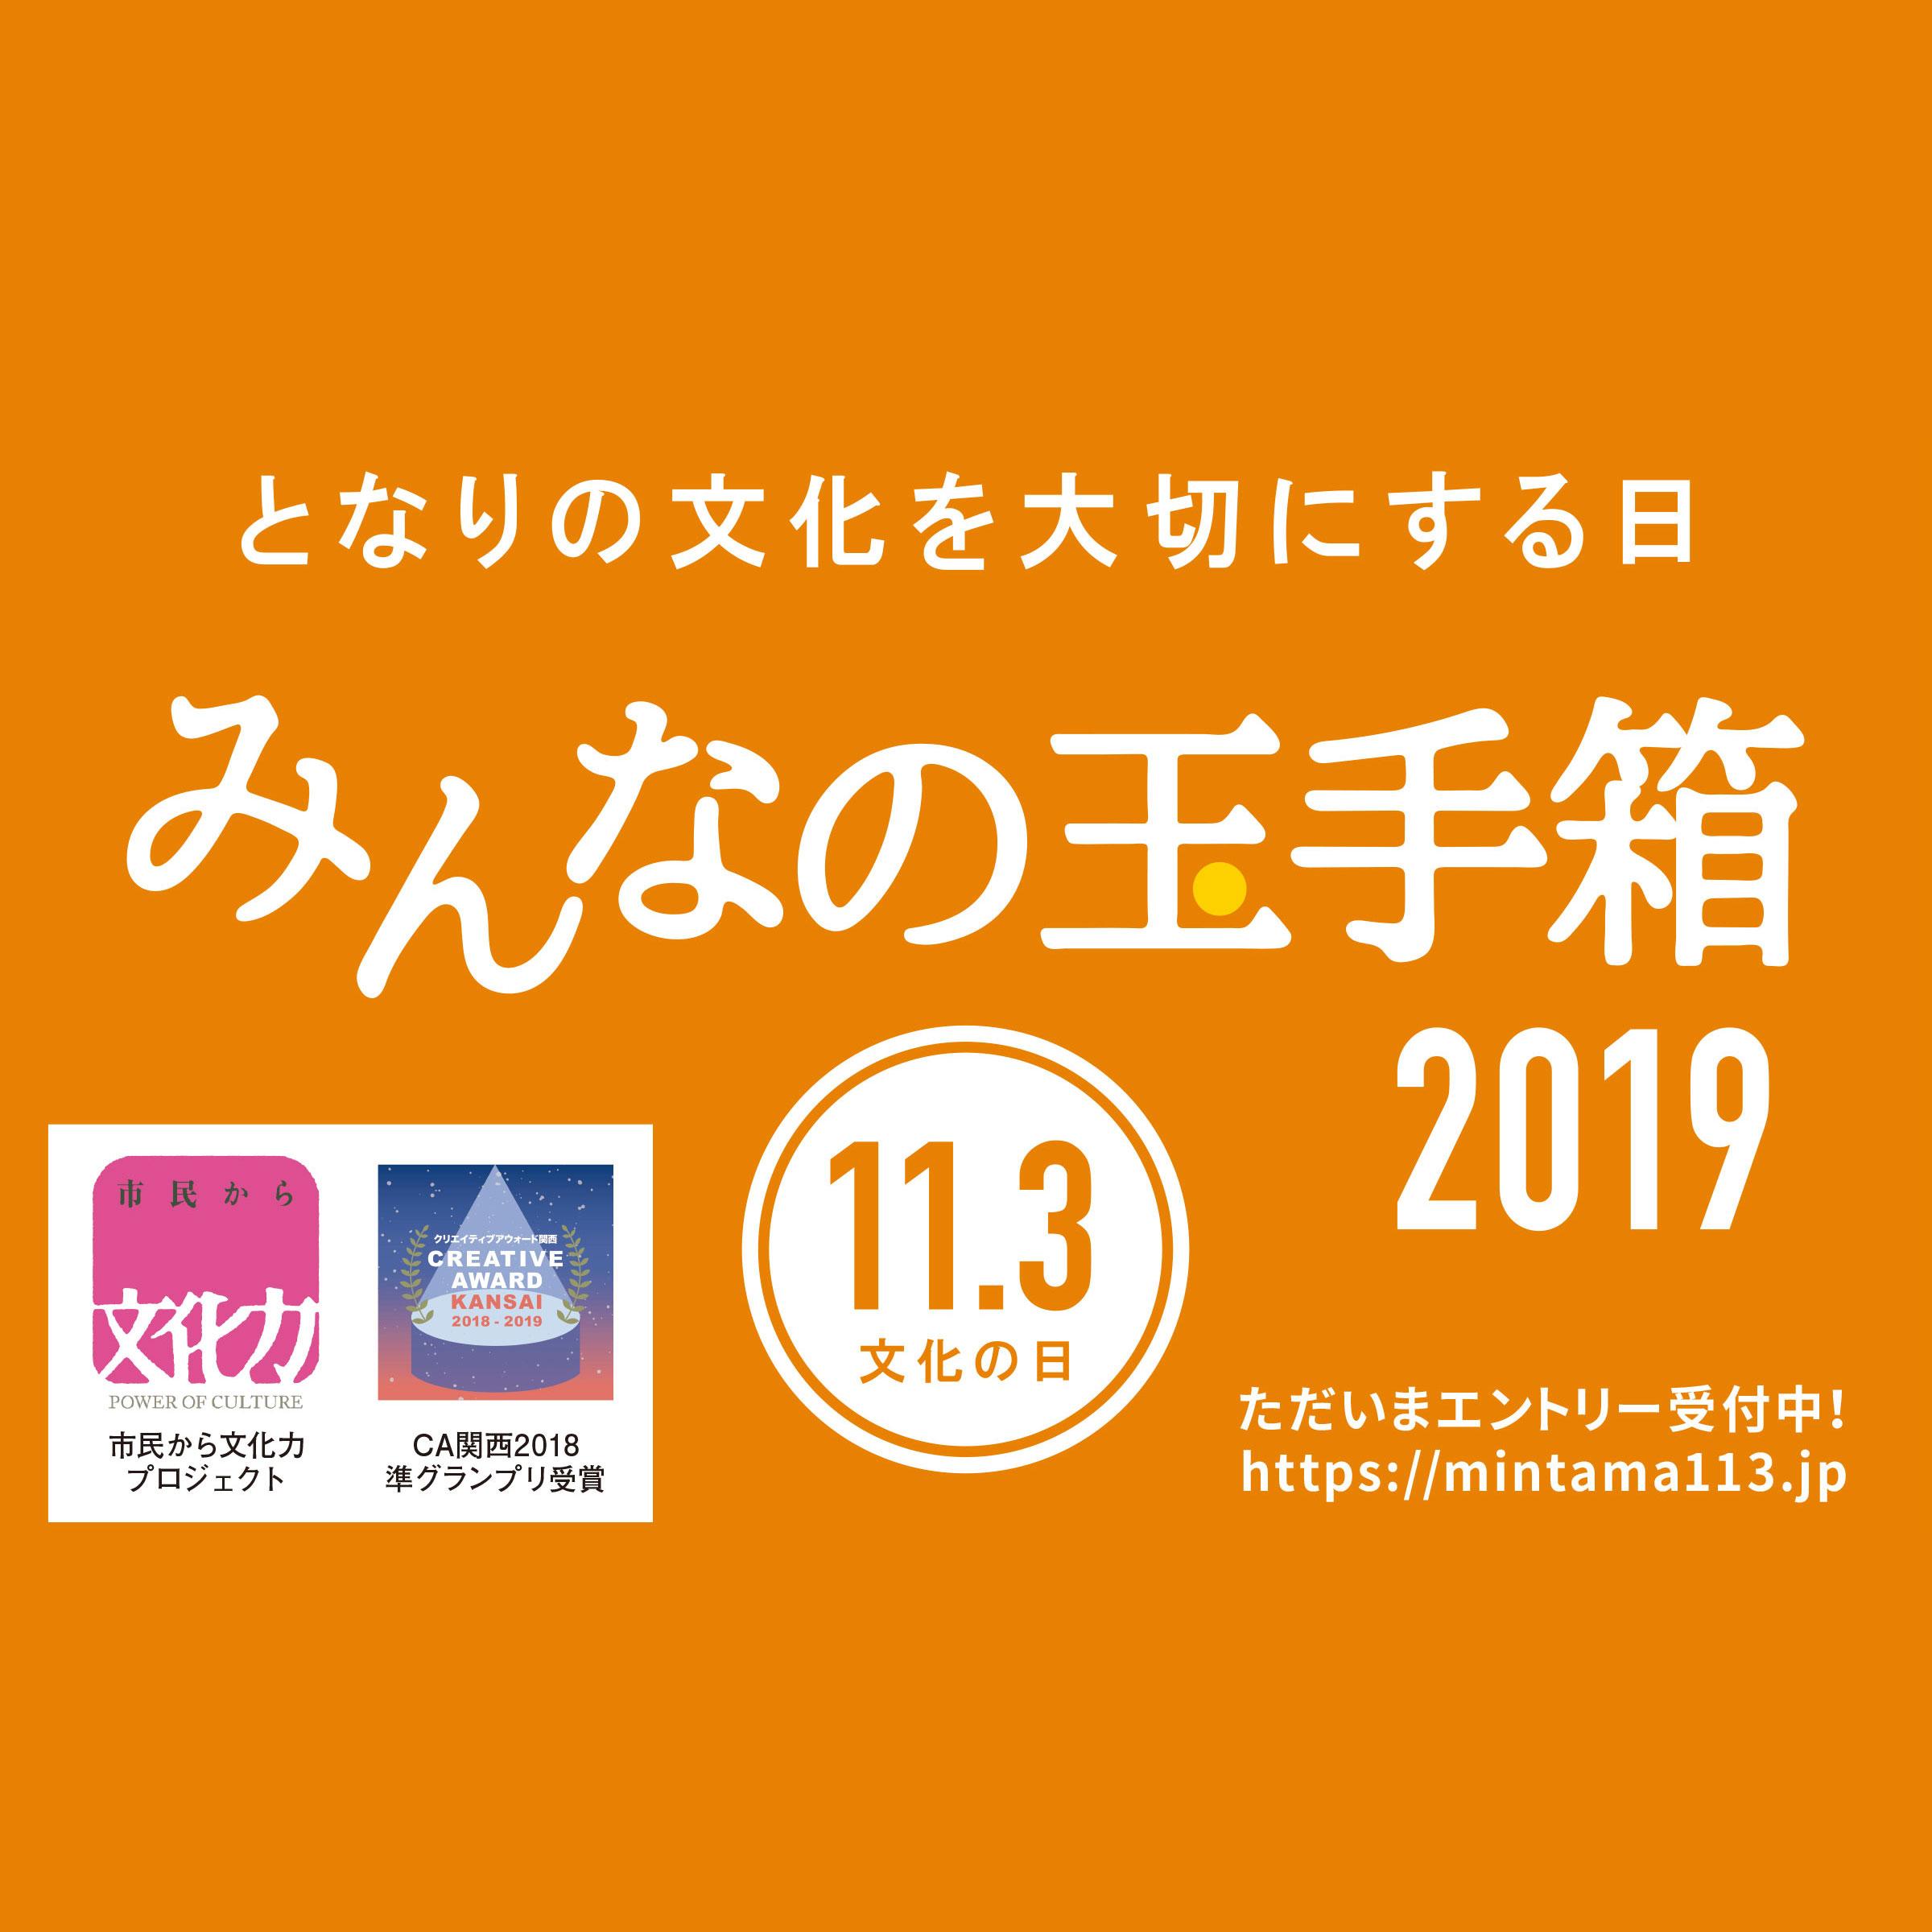 みんなの玉手箱2019年11月3日 文化の日に開催